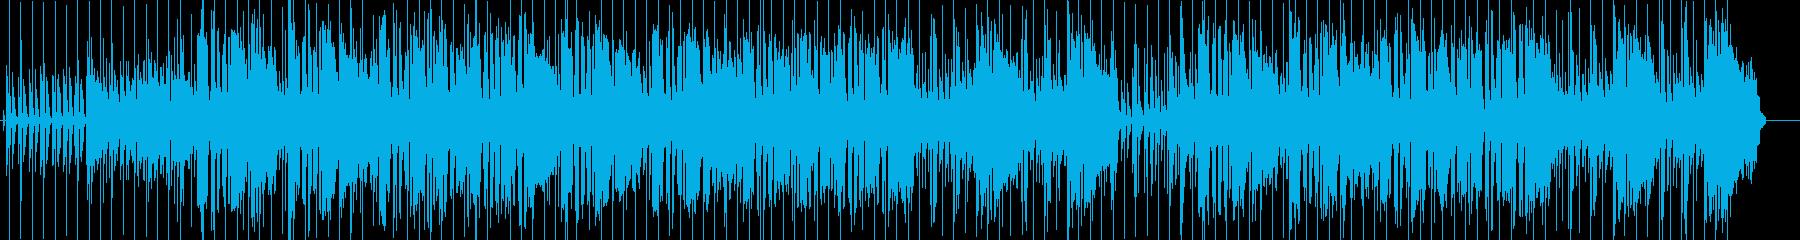 朗らかなホーン入りロックステディ レゲエの再生済みの波形